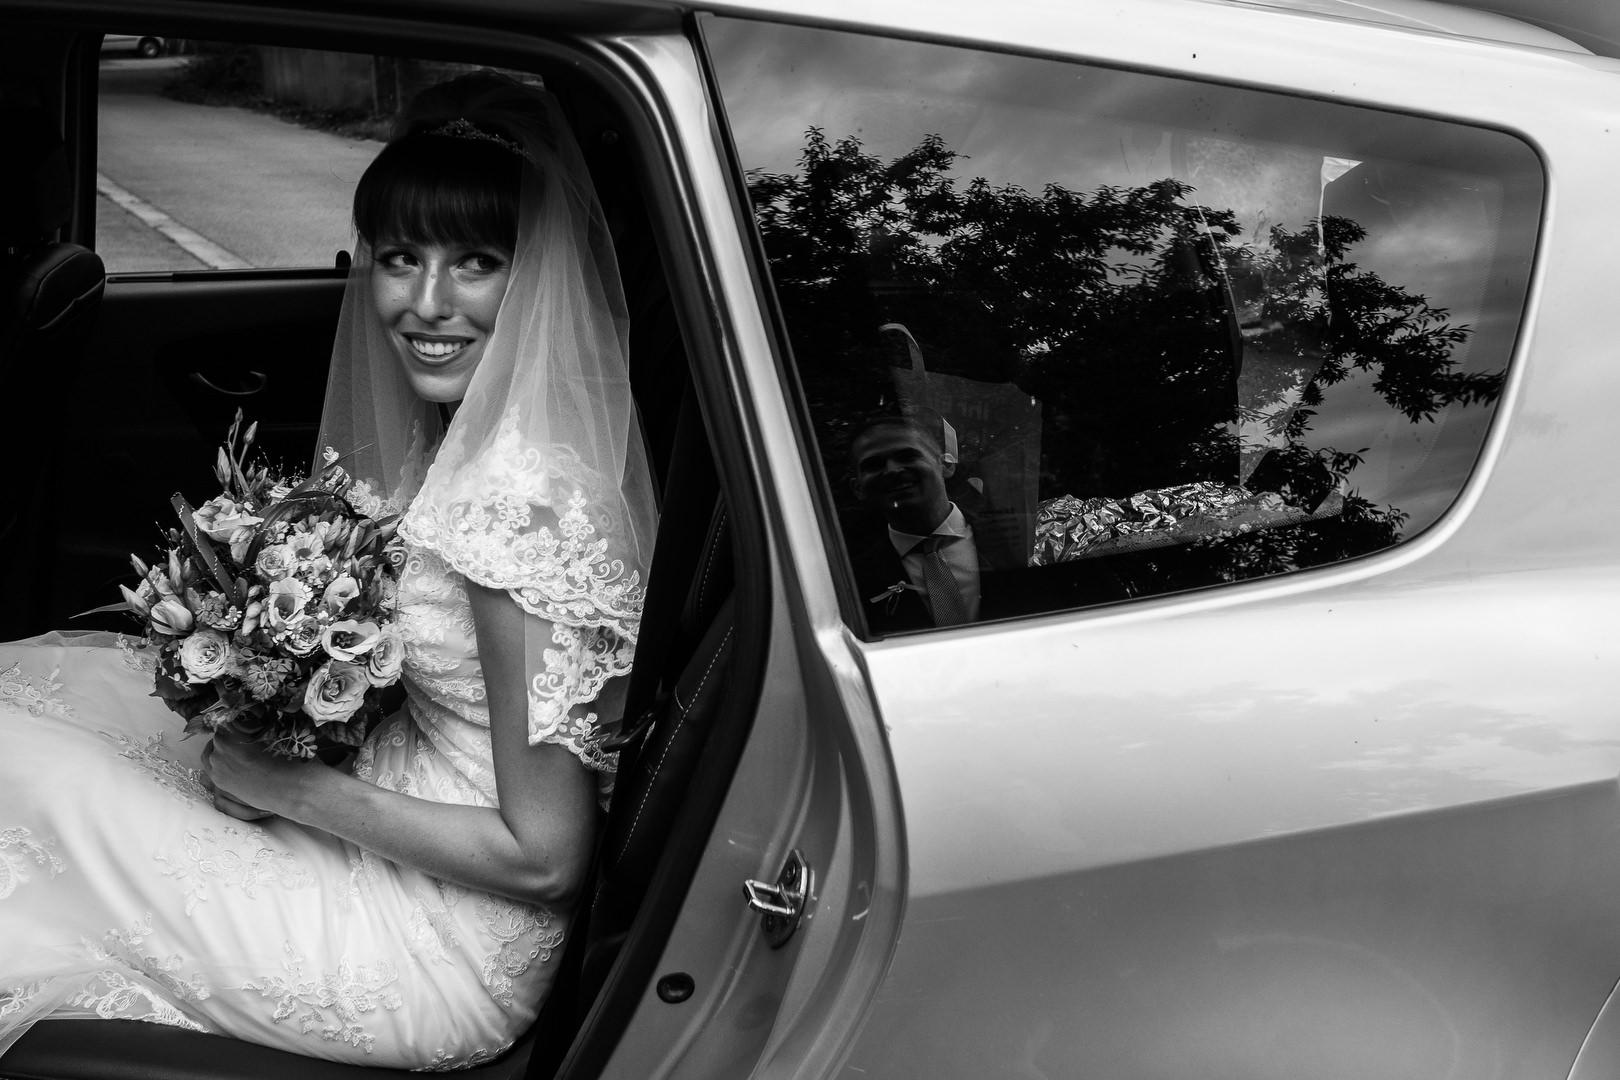 Hochzeit am Schiff und im Garten: Daniela + Karl Hochzeit  Hochzeitstag Hochzeit Kagraner Schulgarten Hochzeit in Wien Hochzeit im Freien Hochzeit an der Donau Hochzeit am Schiff Heiraten in Wien Heiraten auf dem Schiff